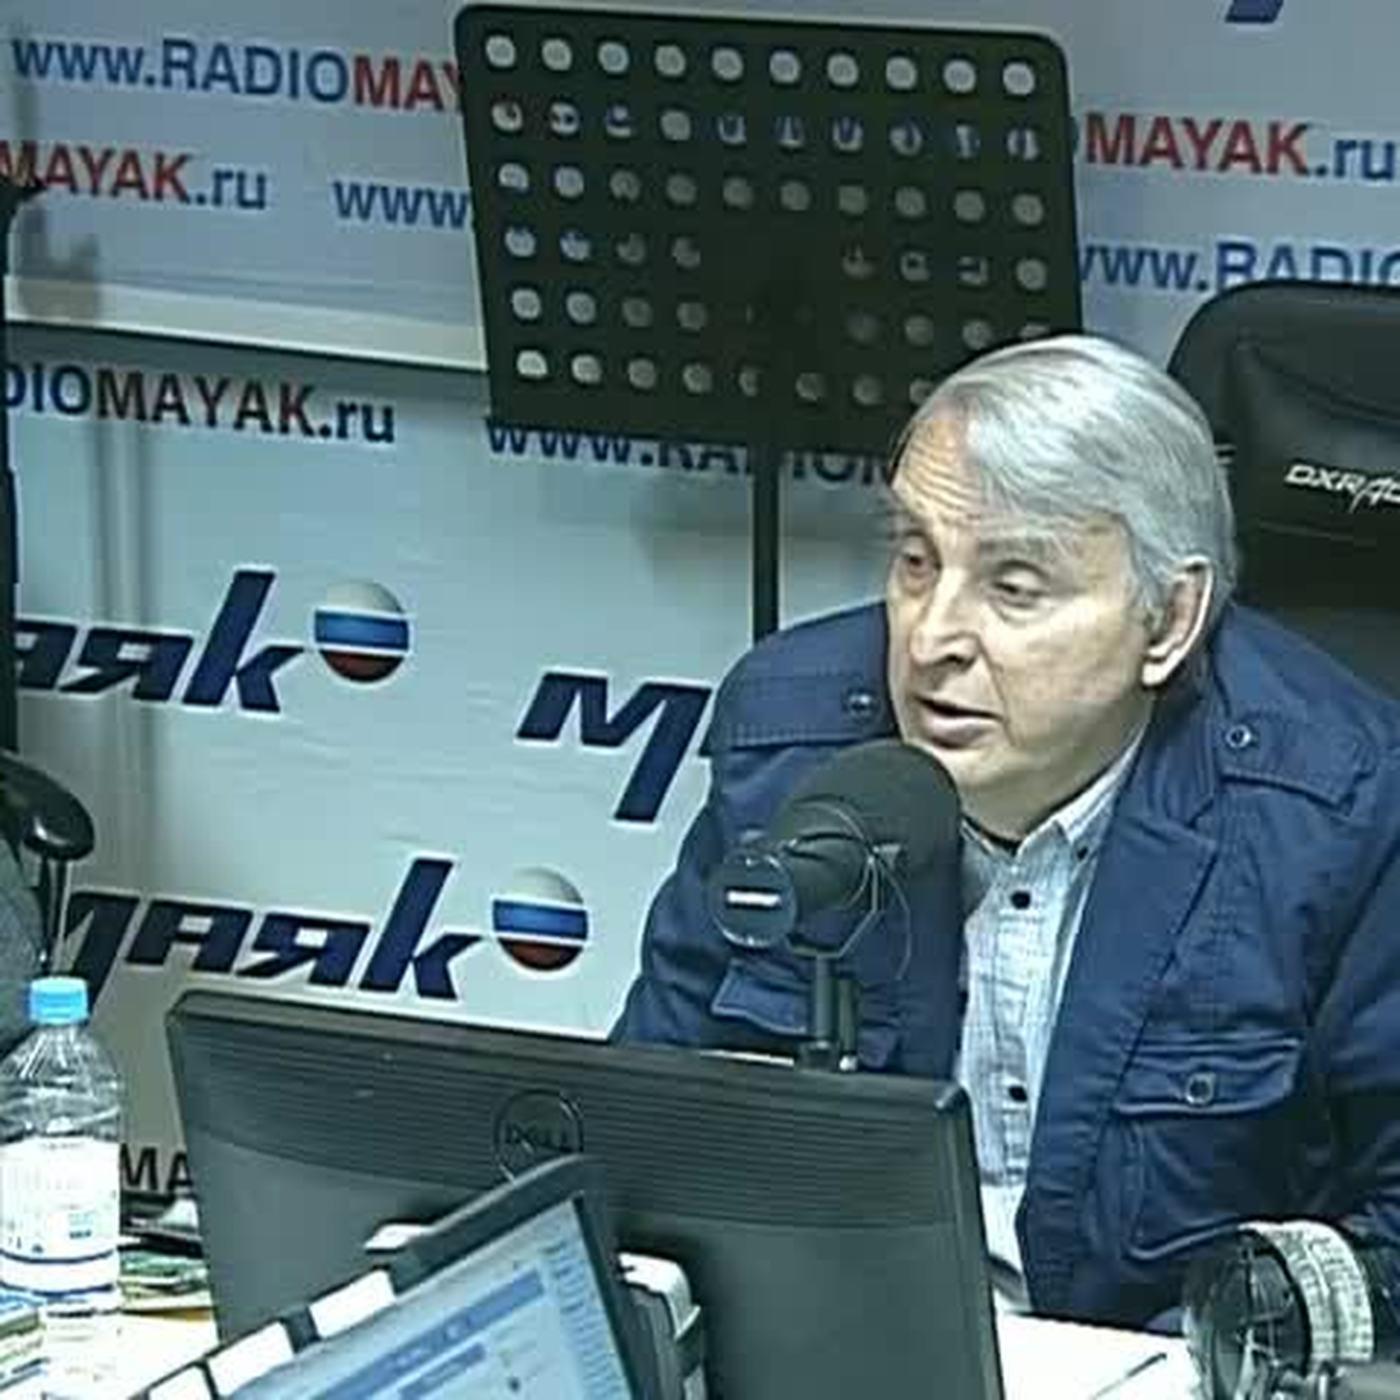 Евгений Жаринов о Владимире Высоцком